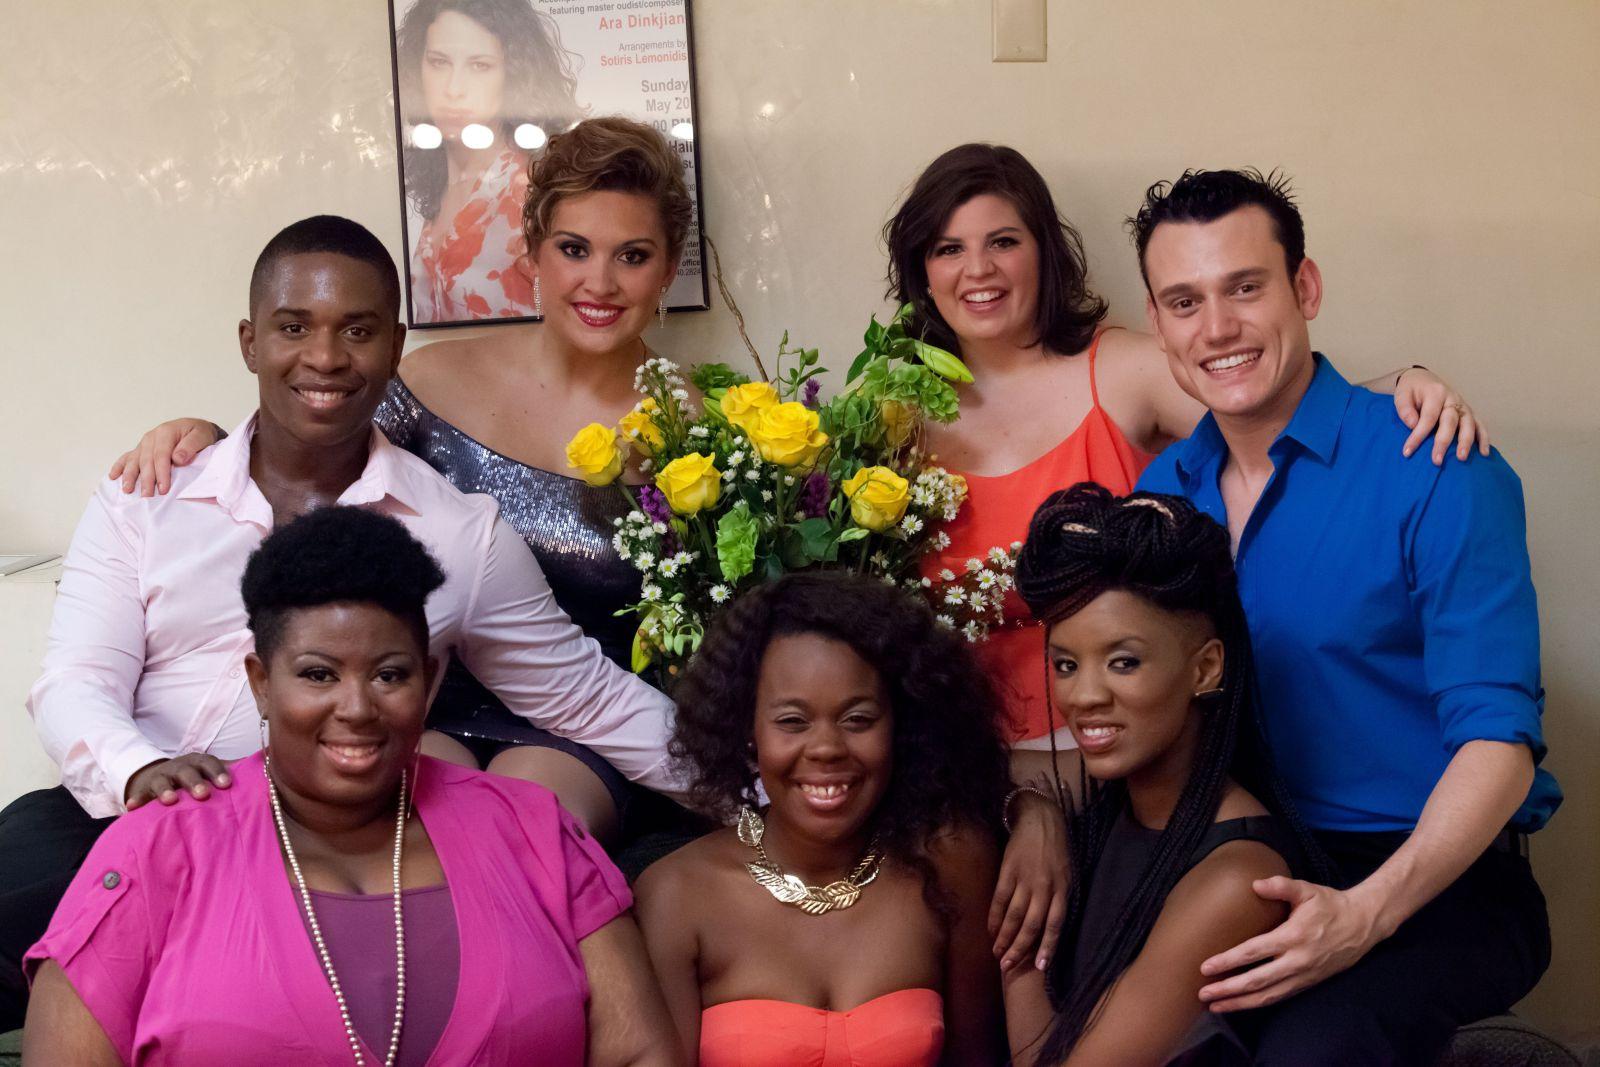 AMDA's Broadway's Rising Stars 2012